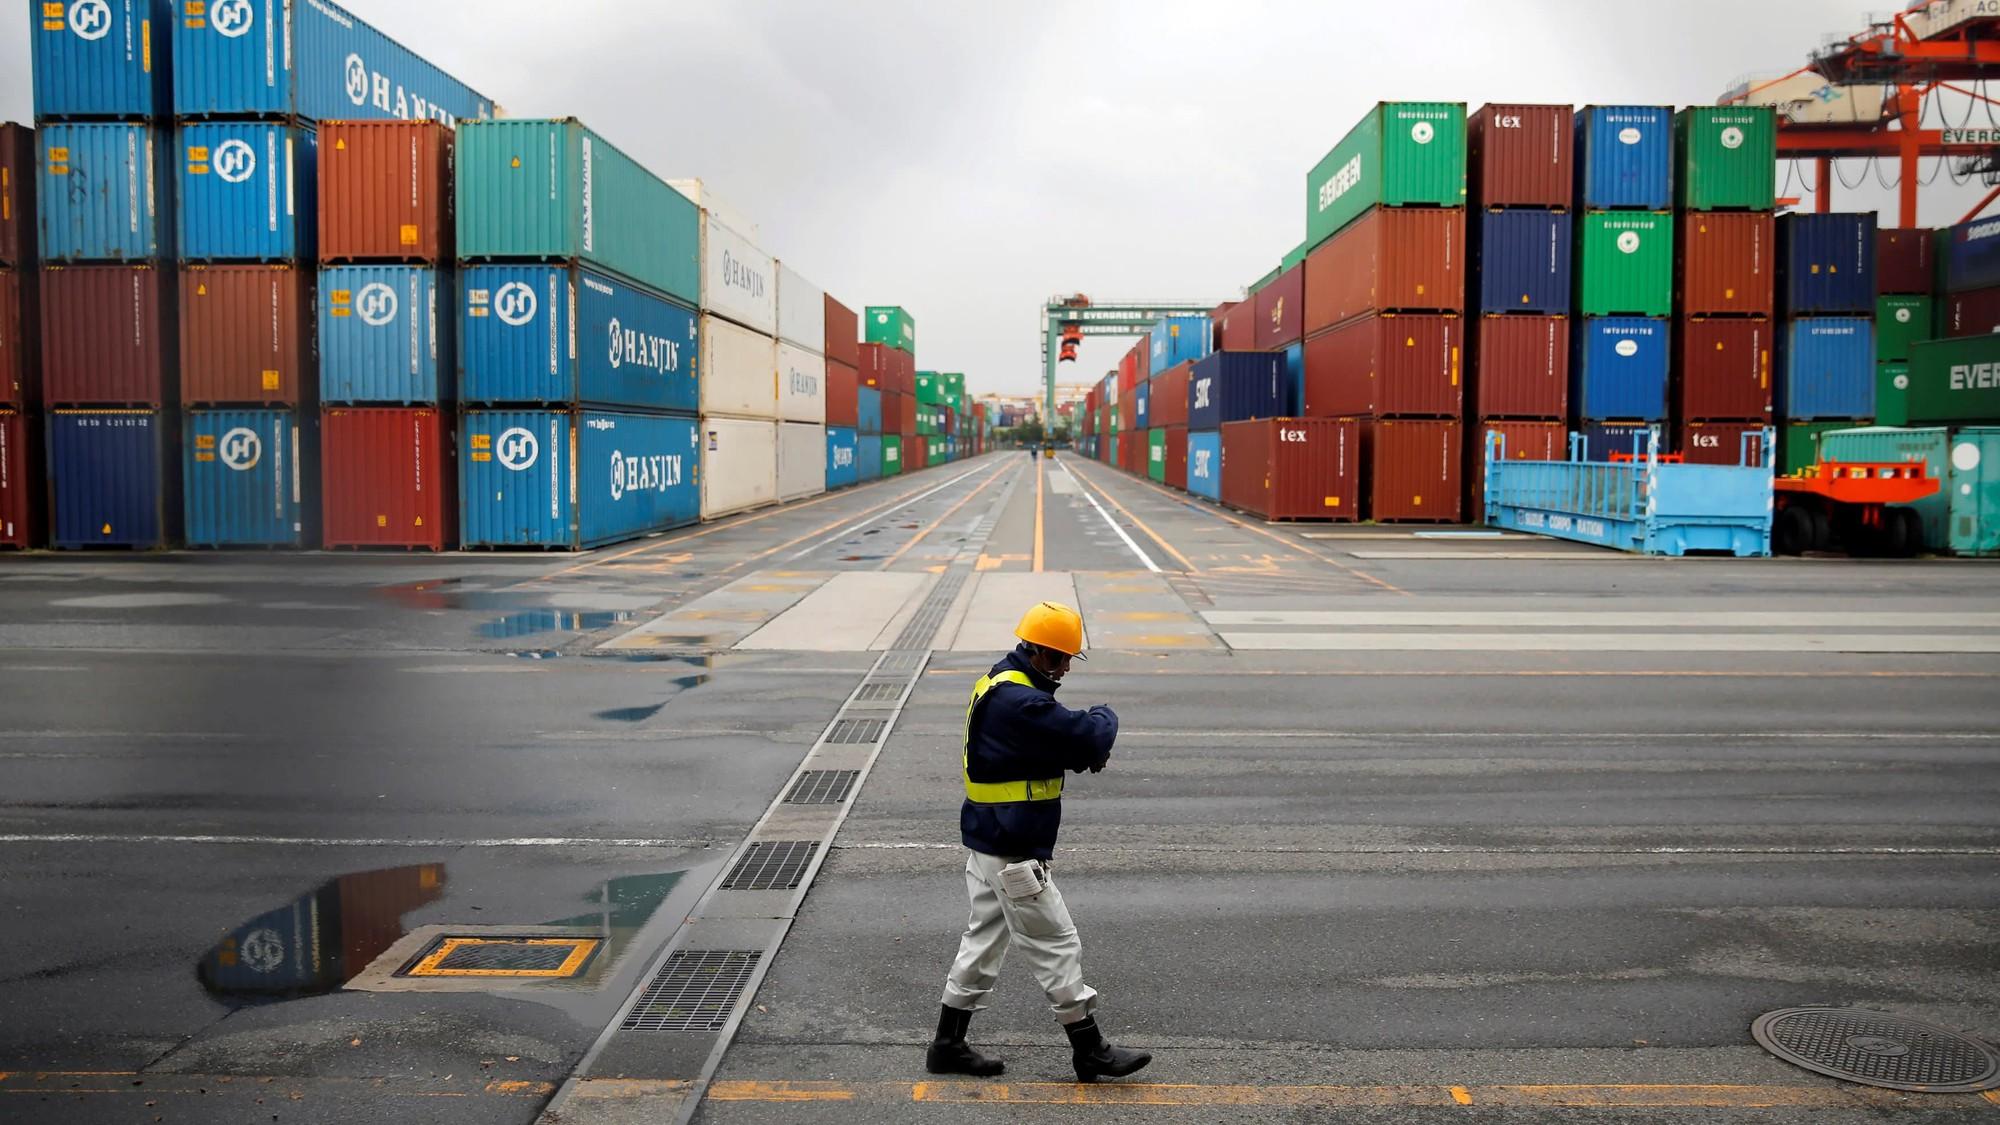 GDP của Nhật Bản bất ngờ tăng trưởng 2,1% trong quí I - Ảnh 1.